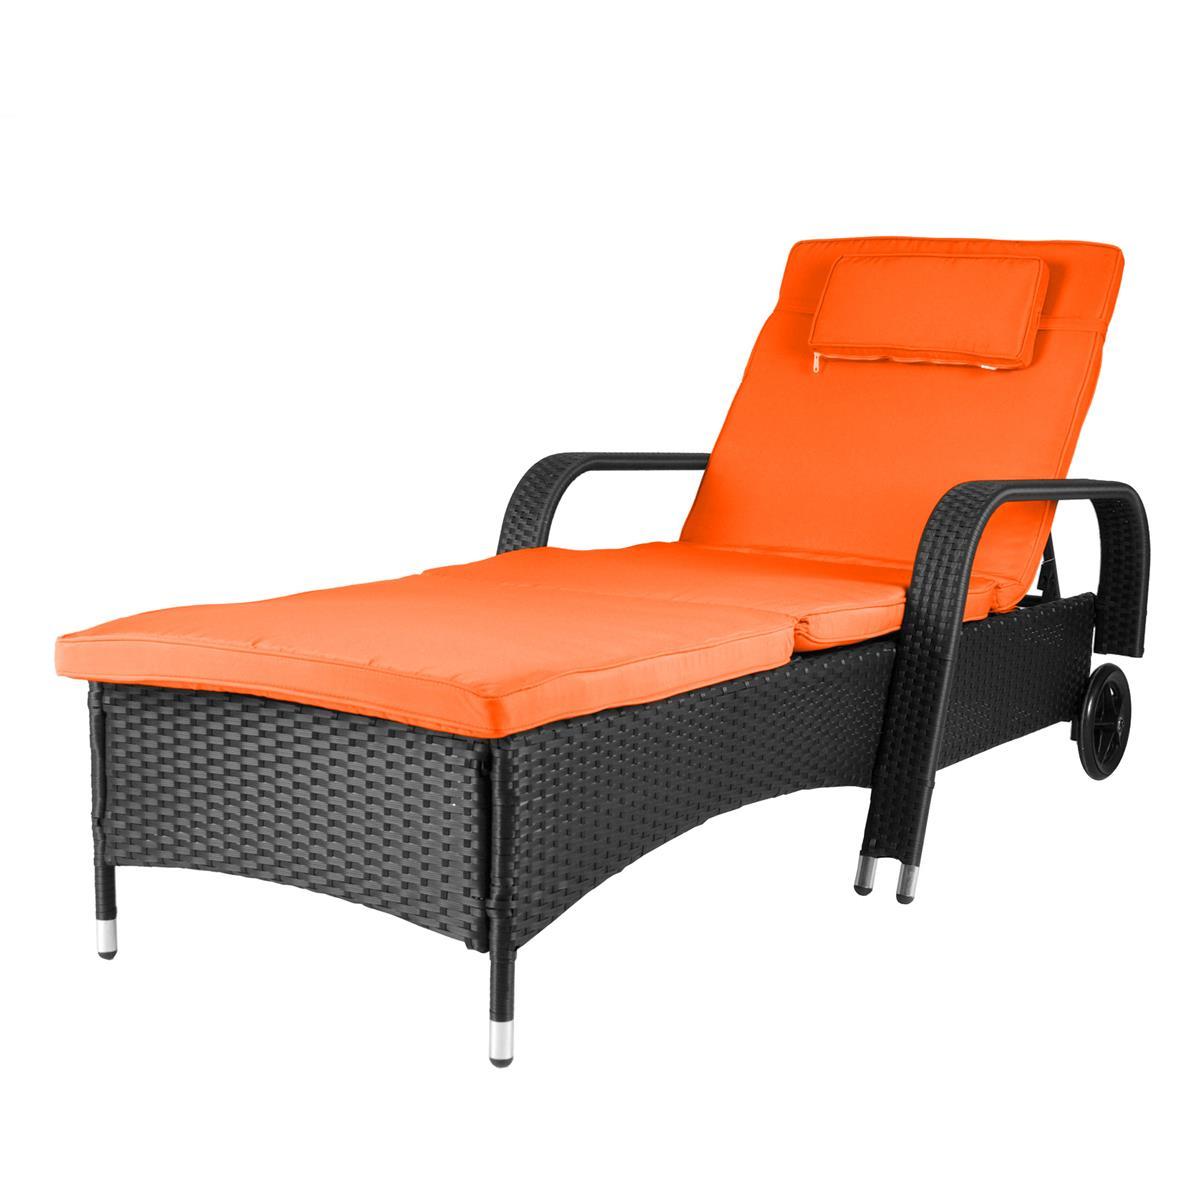 Full Size of Sonnenliege Rattan Klappbar Rattanliege Auflage Orange Poly Gartenliege Bett Sofa Garten Rattanmöbel Ausklappbares Polyrattan Ausklappbar Wohnzimmer Sonnenliege Rattan Klappbar